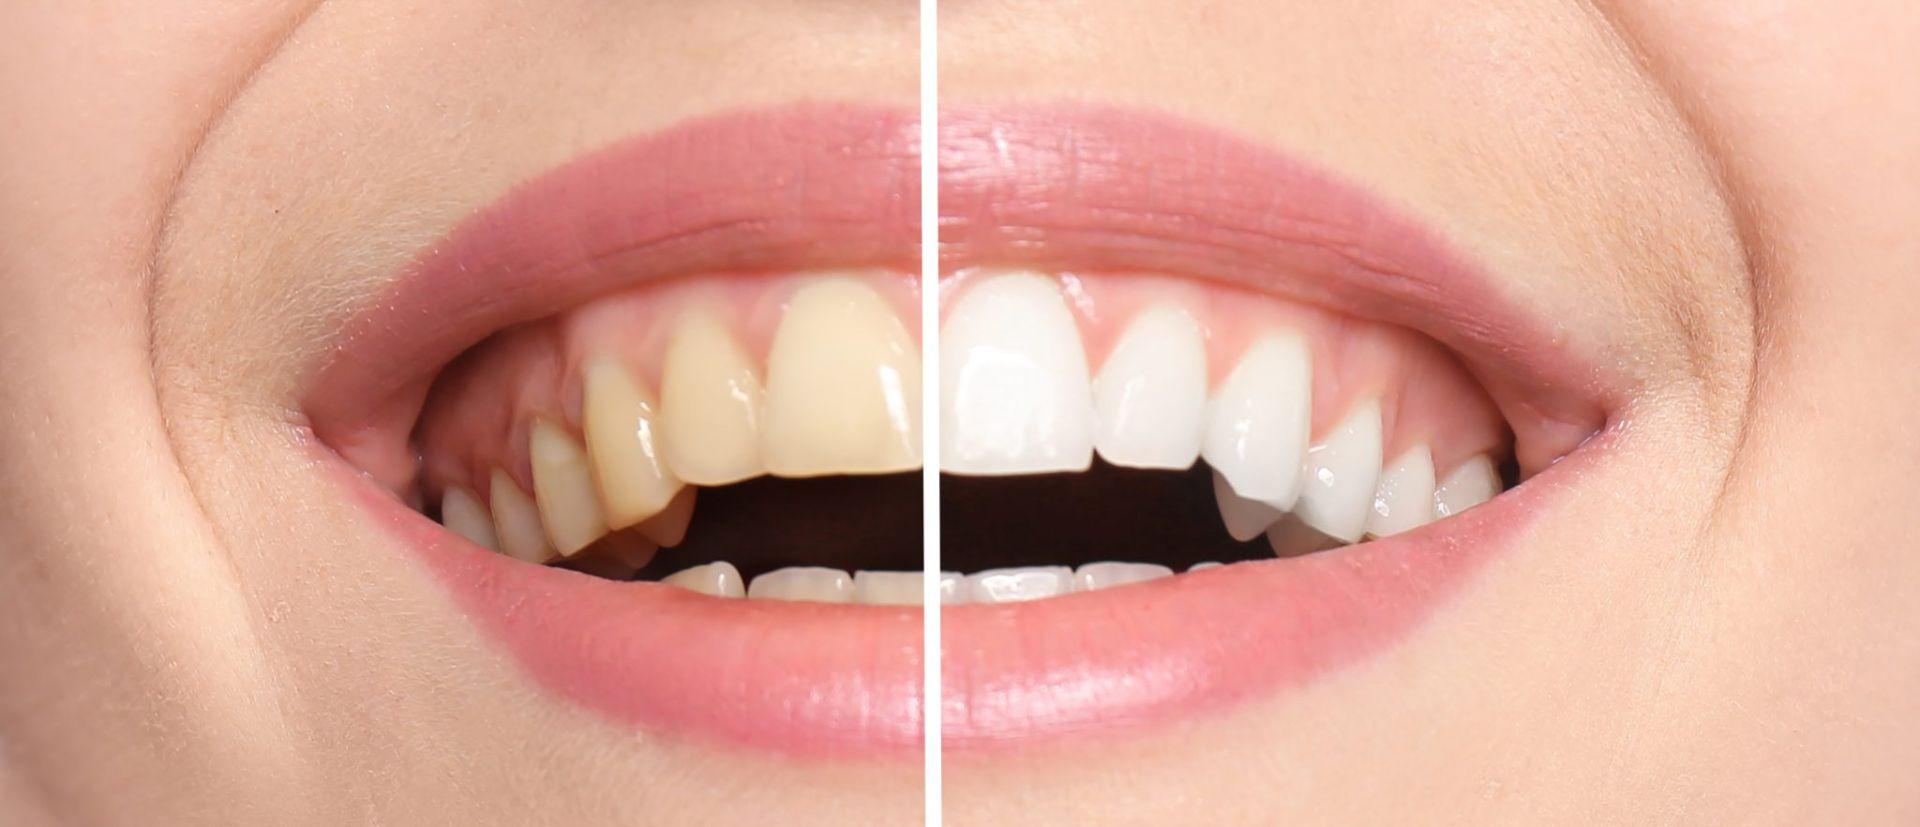 Denti bianchi e denti gialli